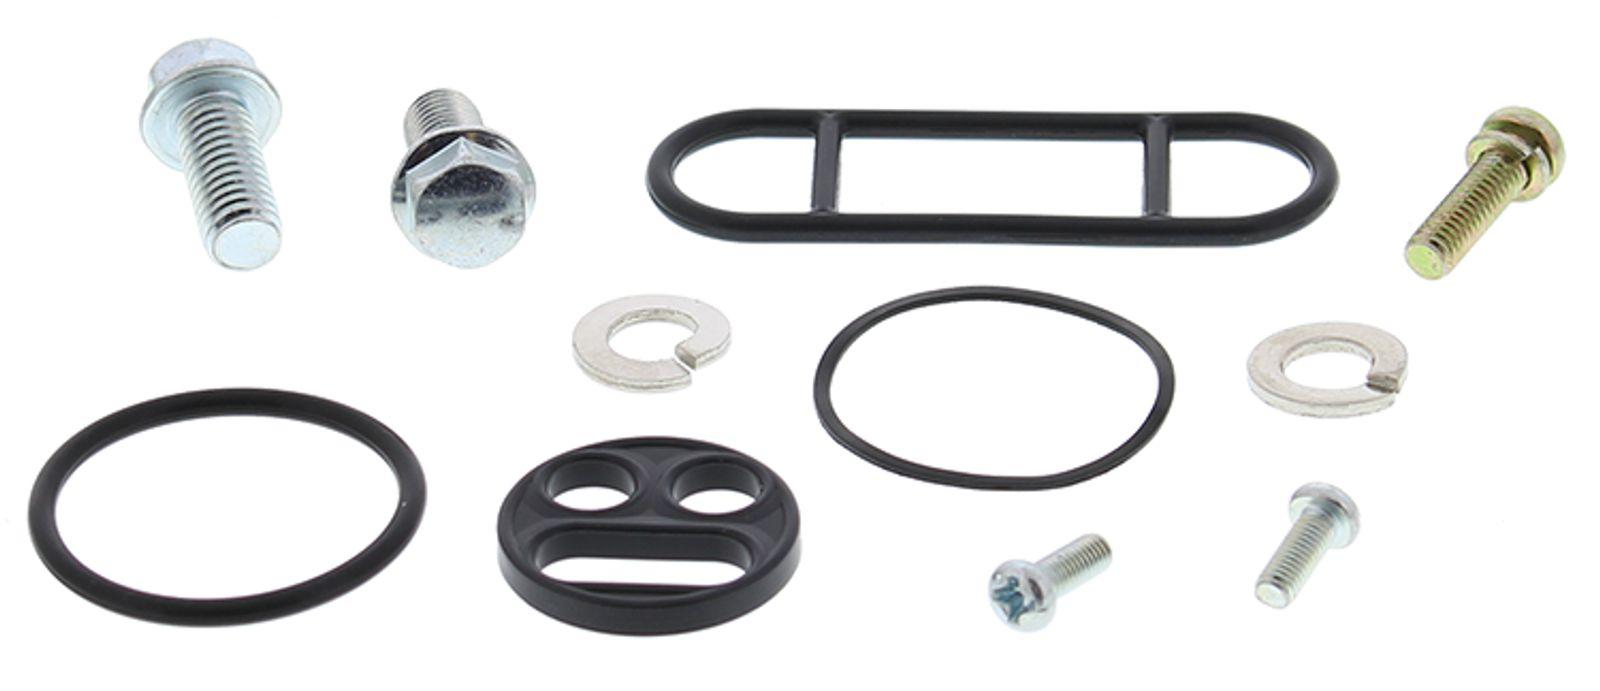 Wrp Fuel Tap Repair Kits - WRP601006 image